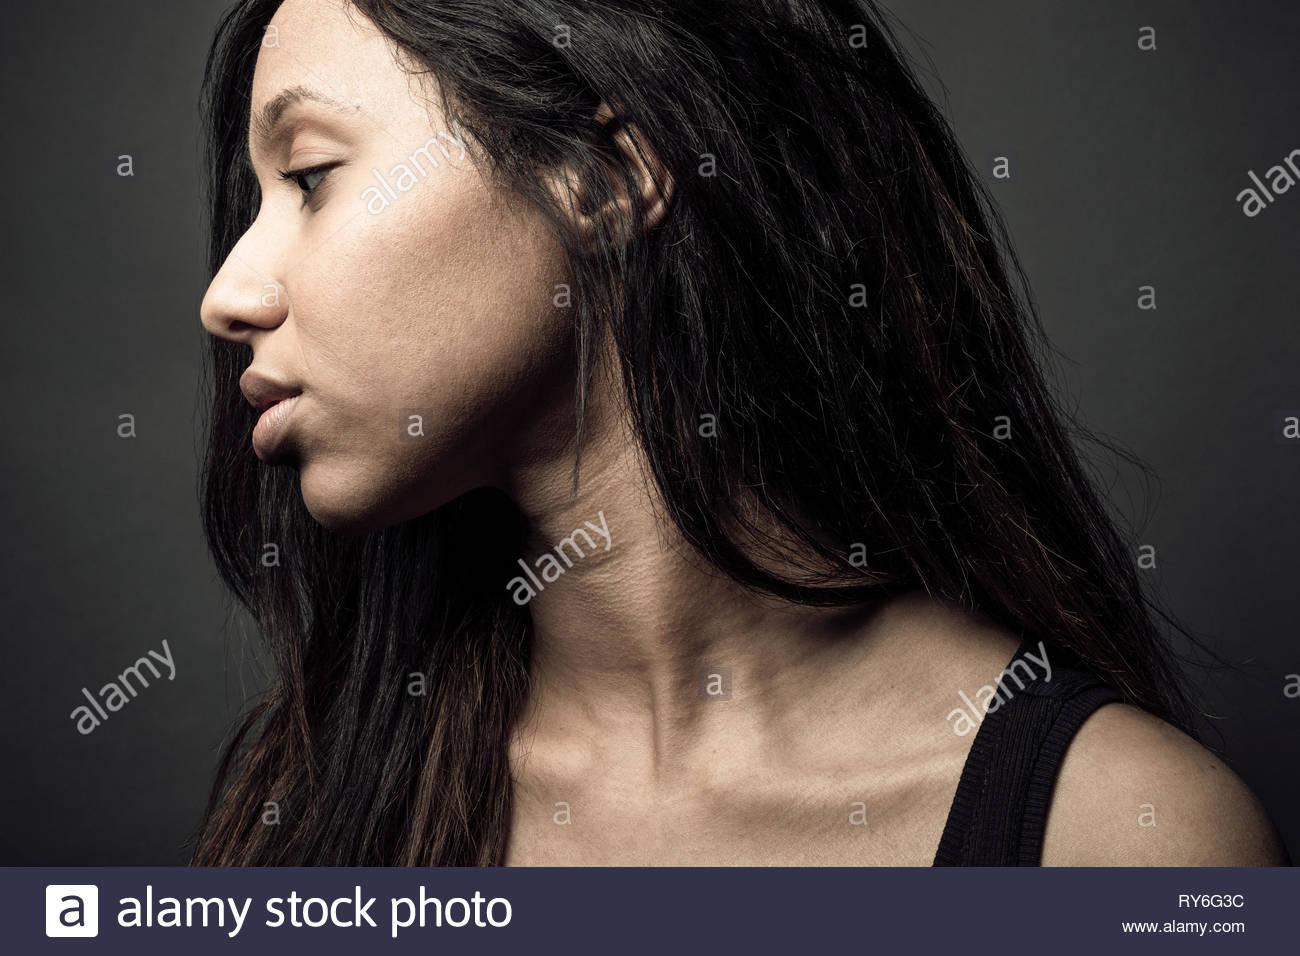 Profil Porträt nachdenklich Schöne junge jamaikanische Frau mit langen schwarzen Haaren Stockbild